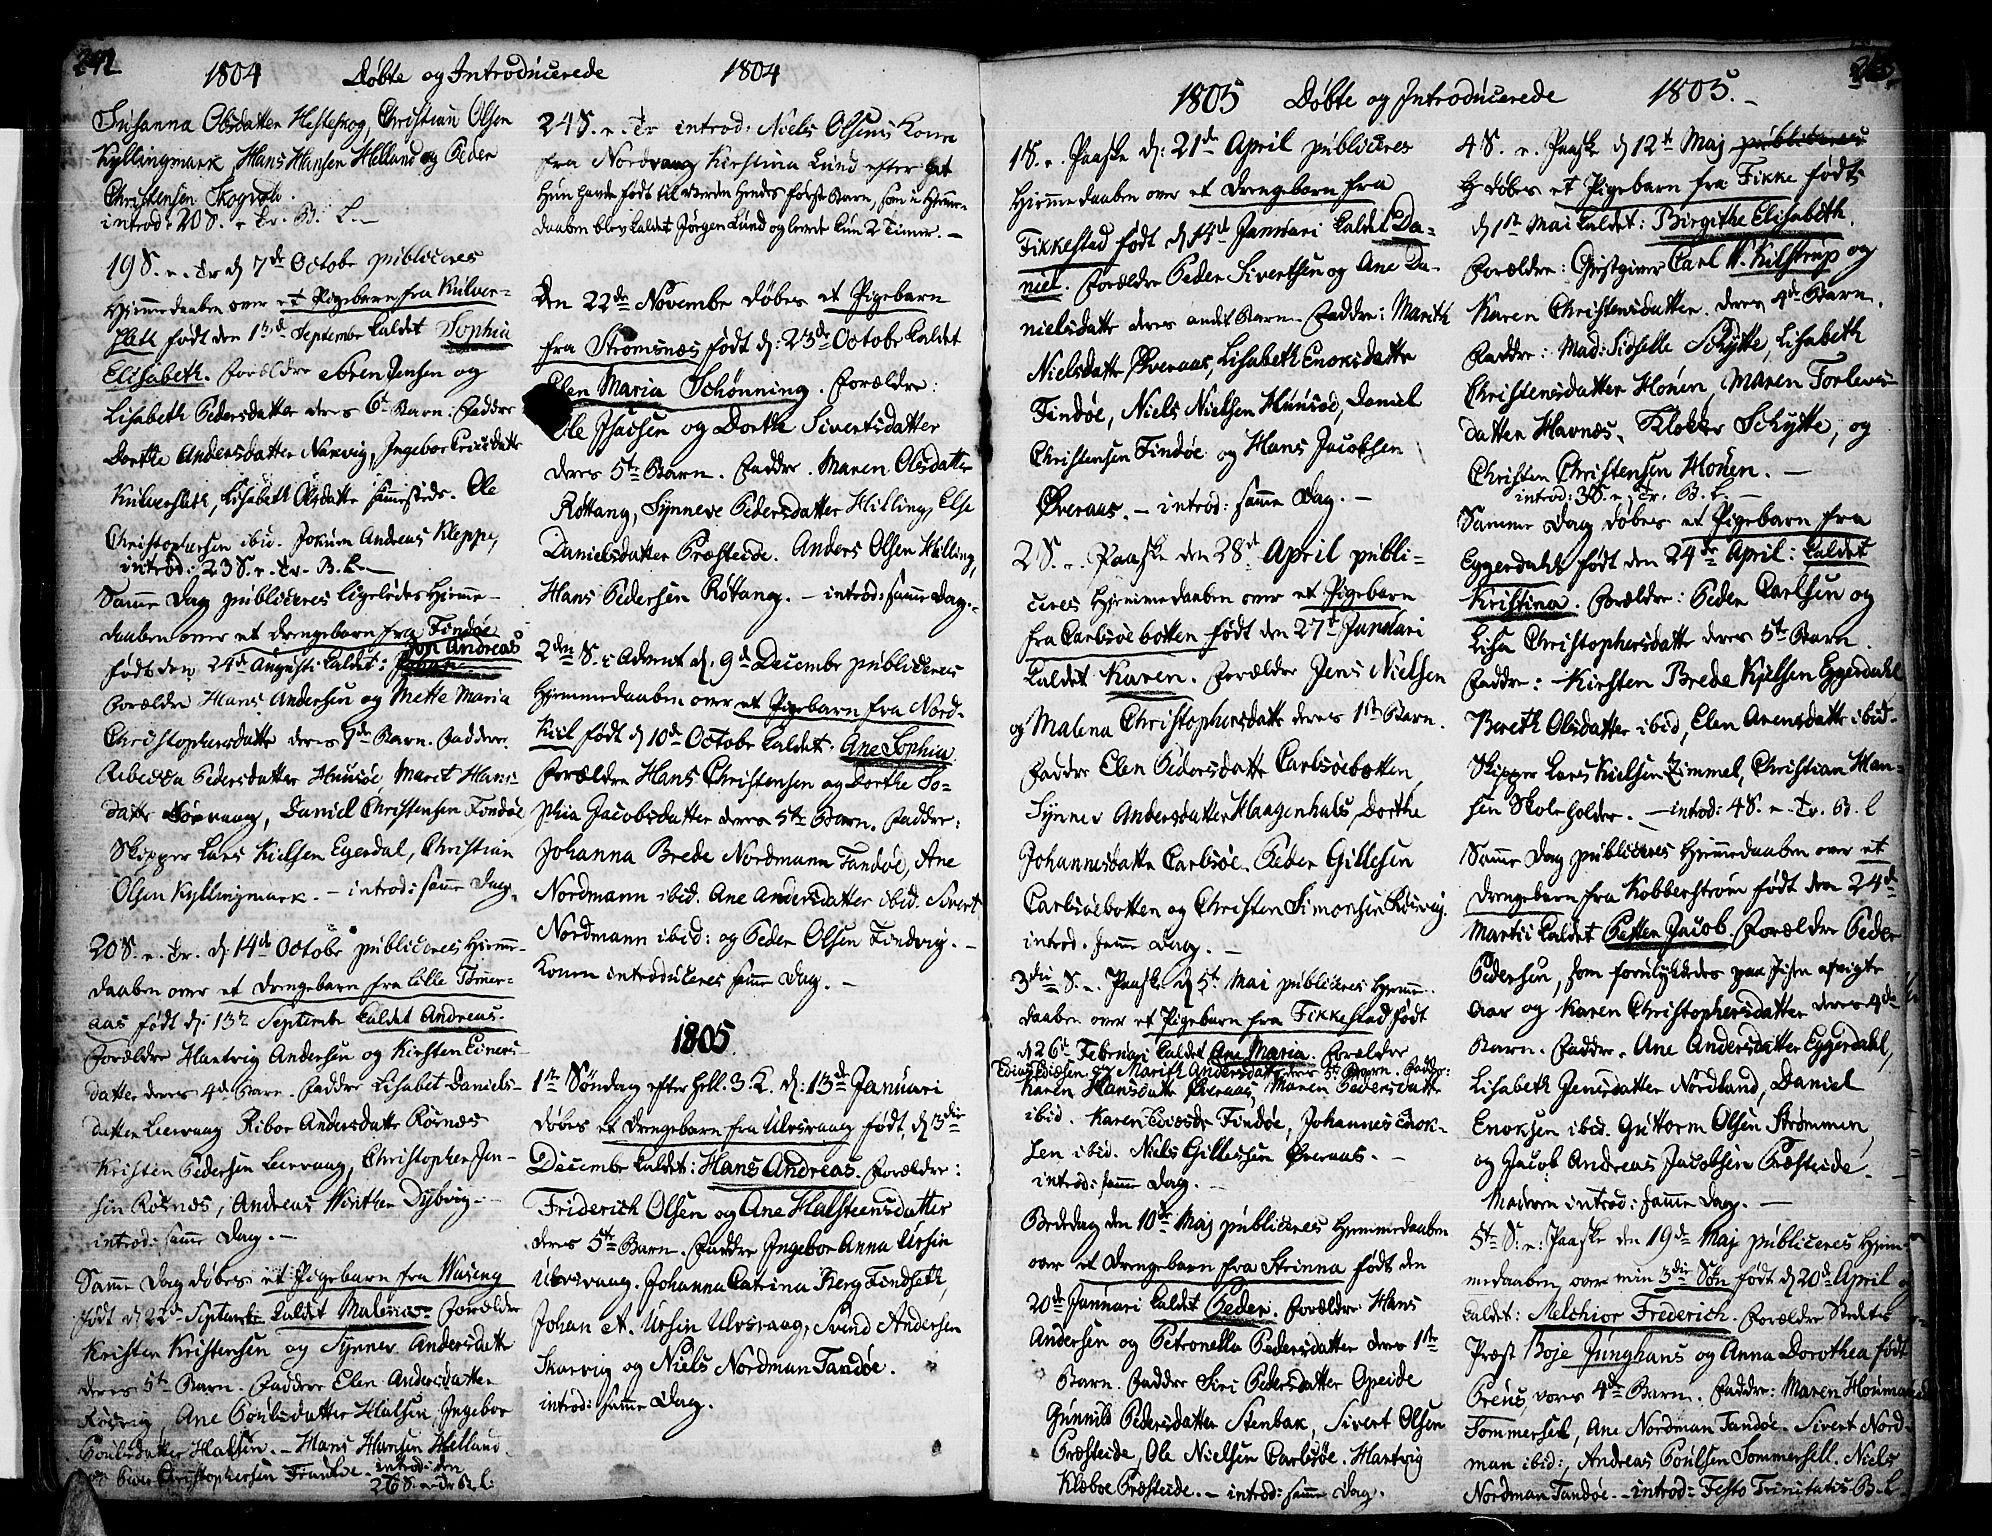 SAT, Ministerialprotokoller, klokkerbøker og fødselsregistre - Nordland, 859/L0841: Parish register (official) no. 859A01, 1766-1821, p. 242-243